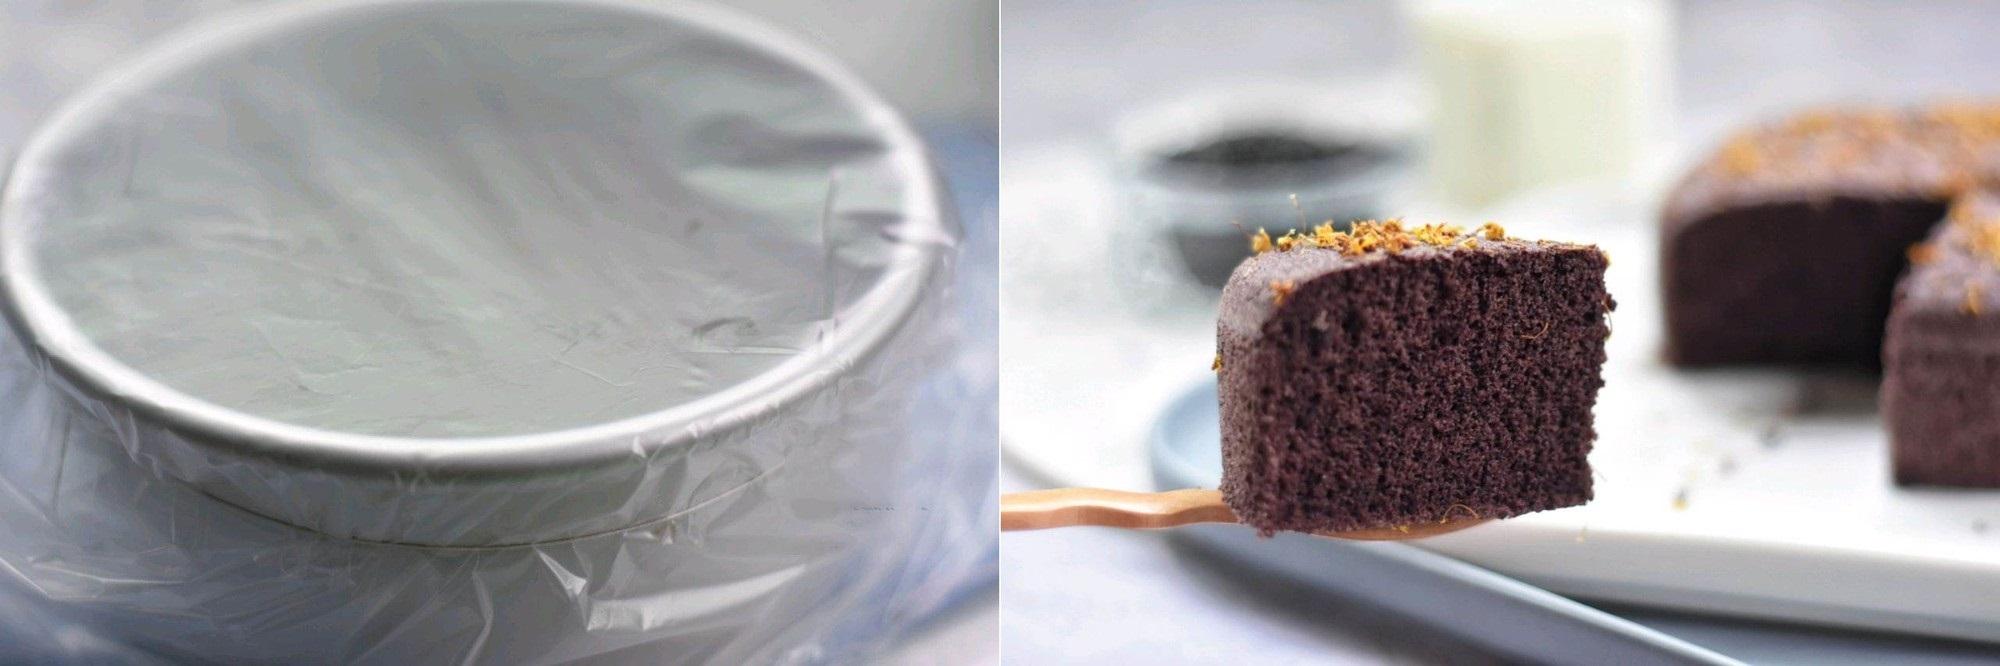 Không cần lò nướng vẫn làm được bánh nếp cẩm xốp mềm thơm ngon - Ảnh 3